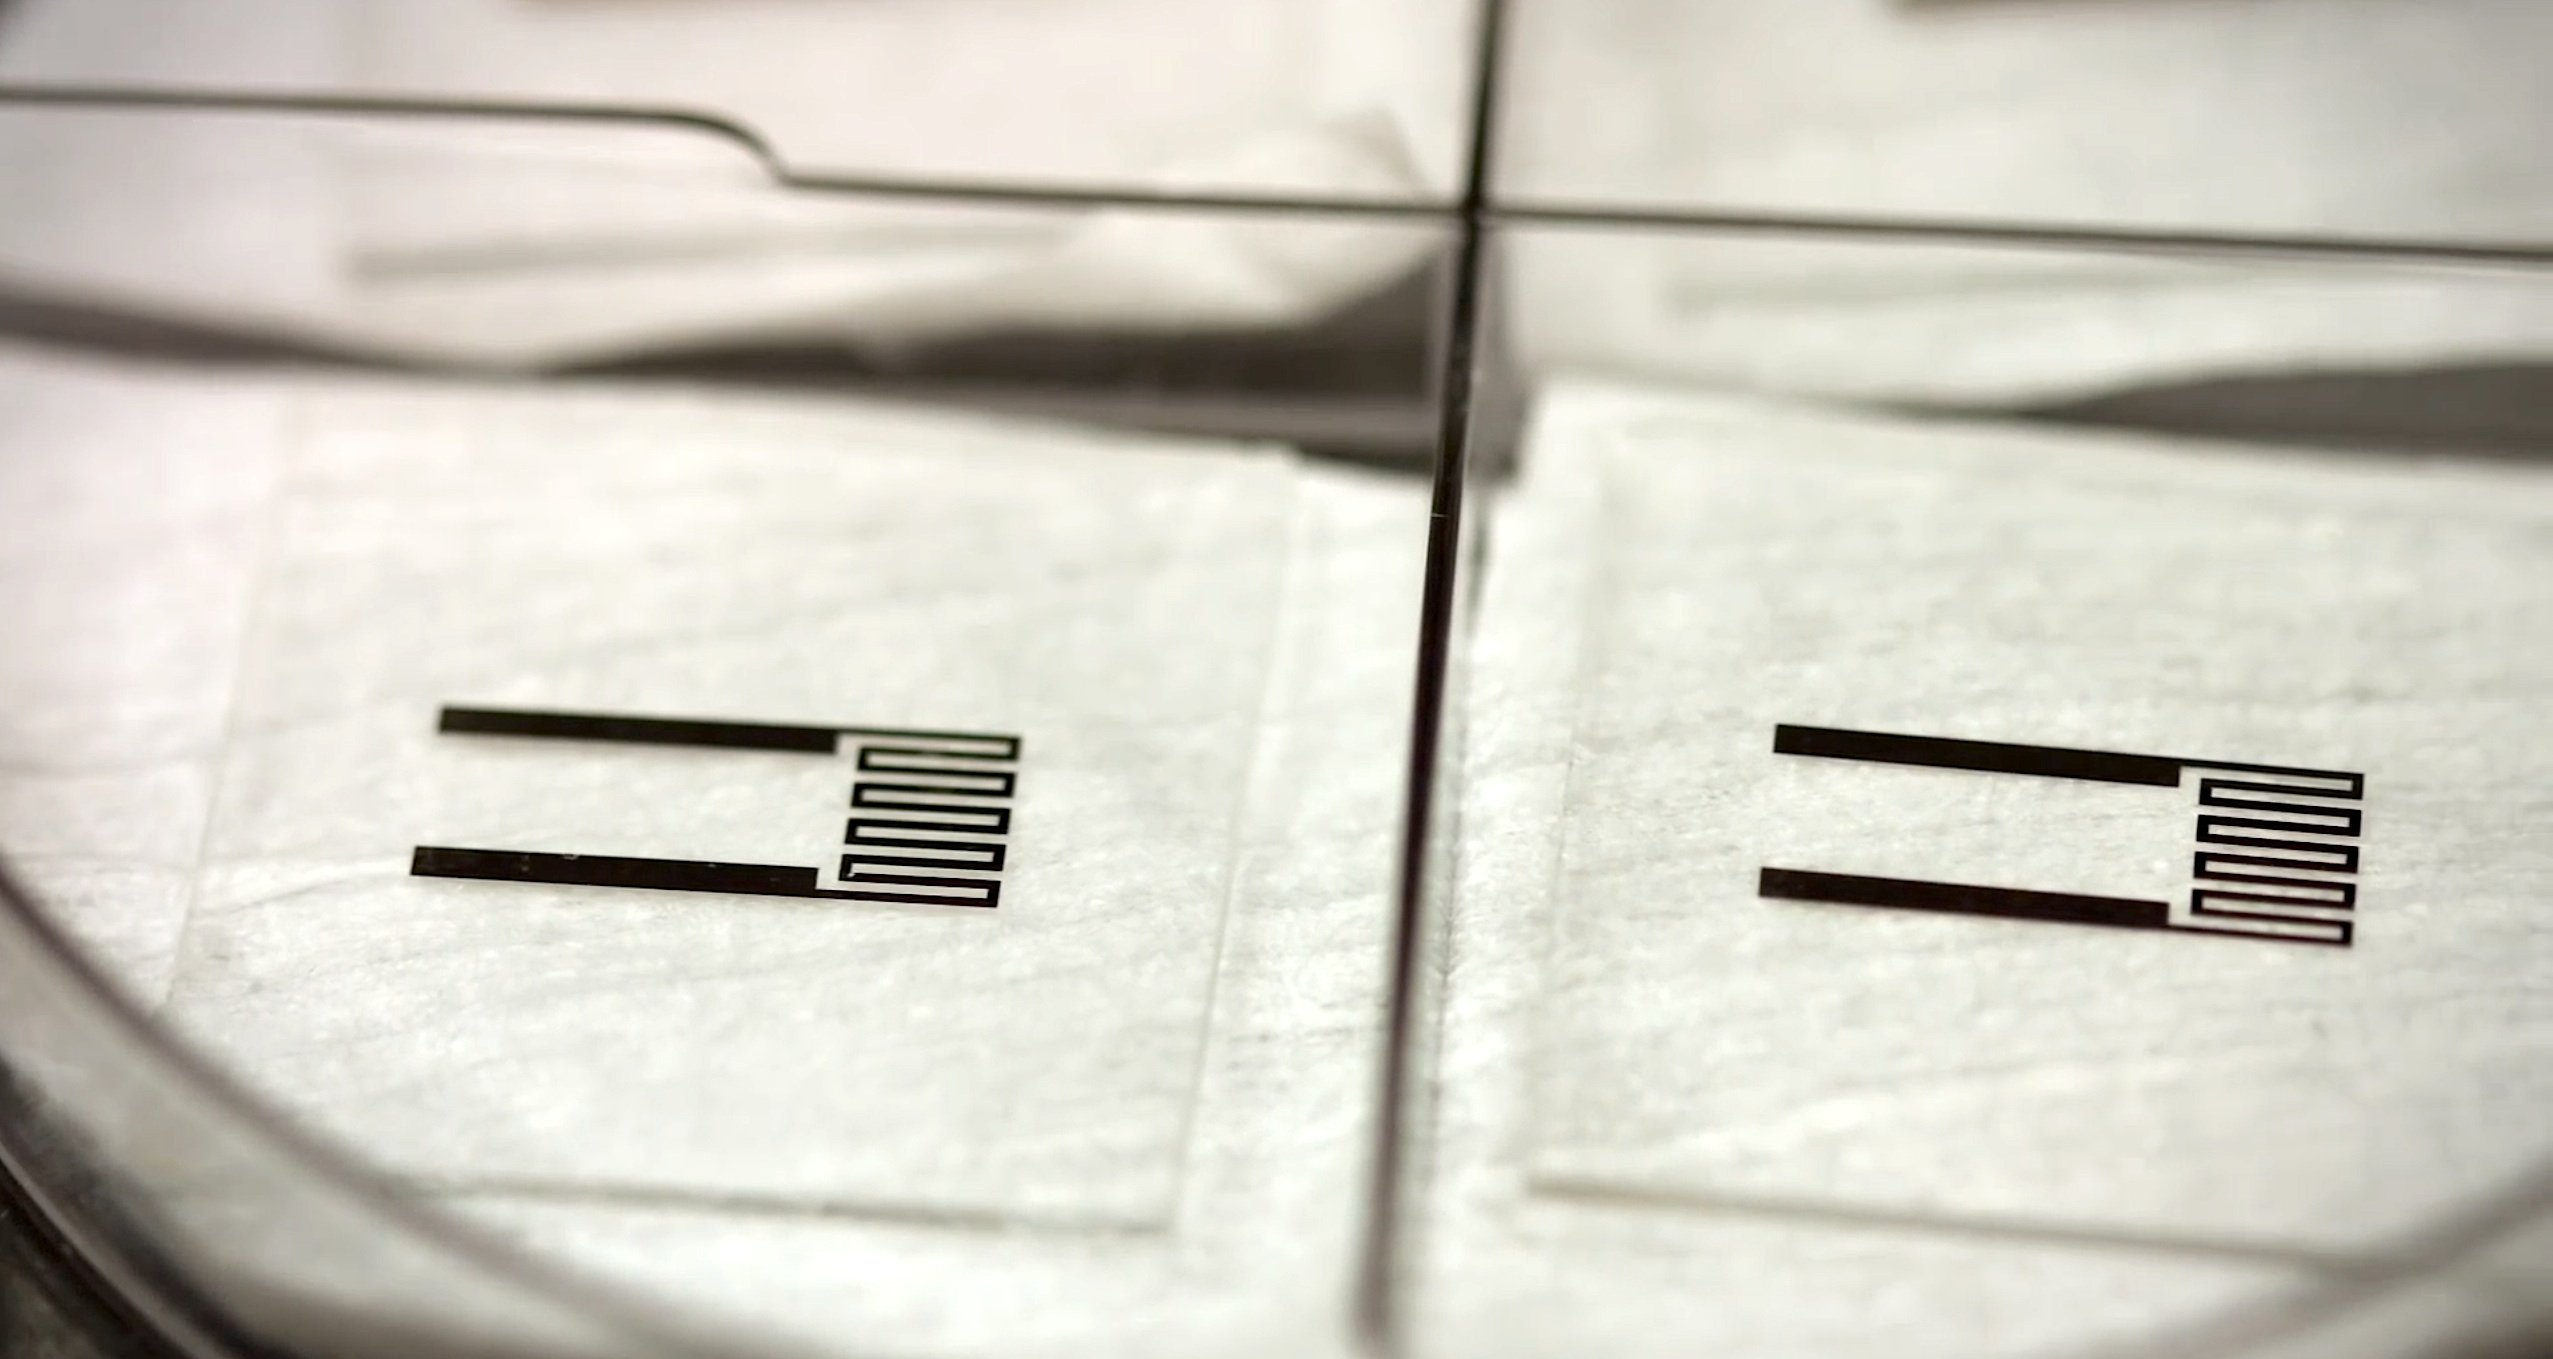 Nach dem Säurebad bleiben saubere elektronische Bauteile übrig, die recycelt werden können.